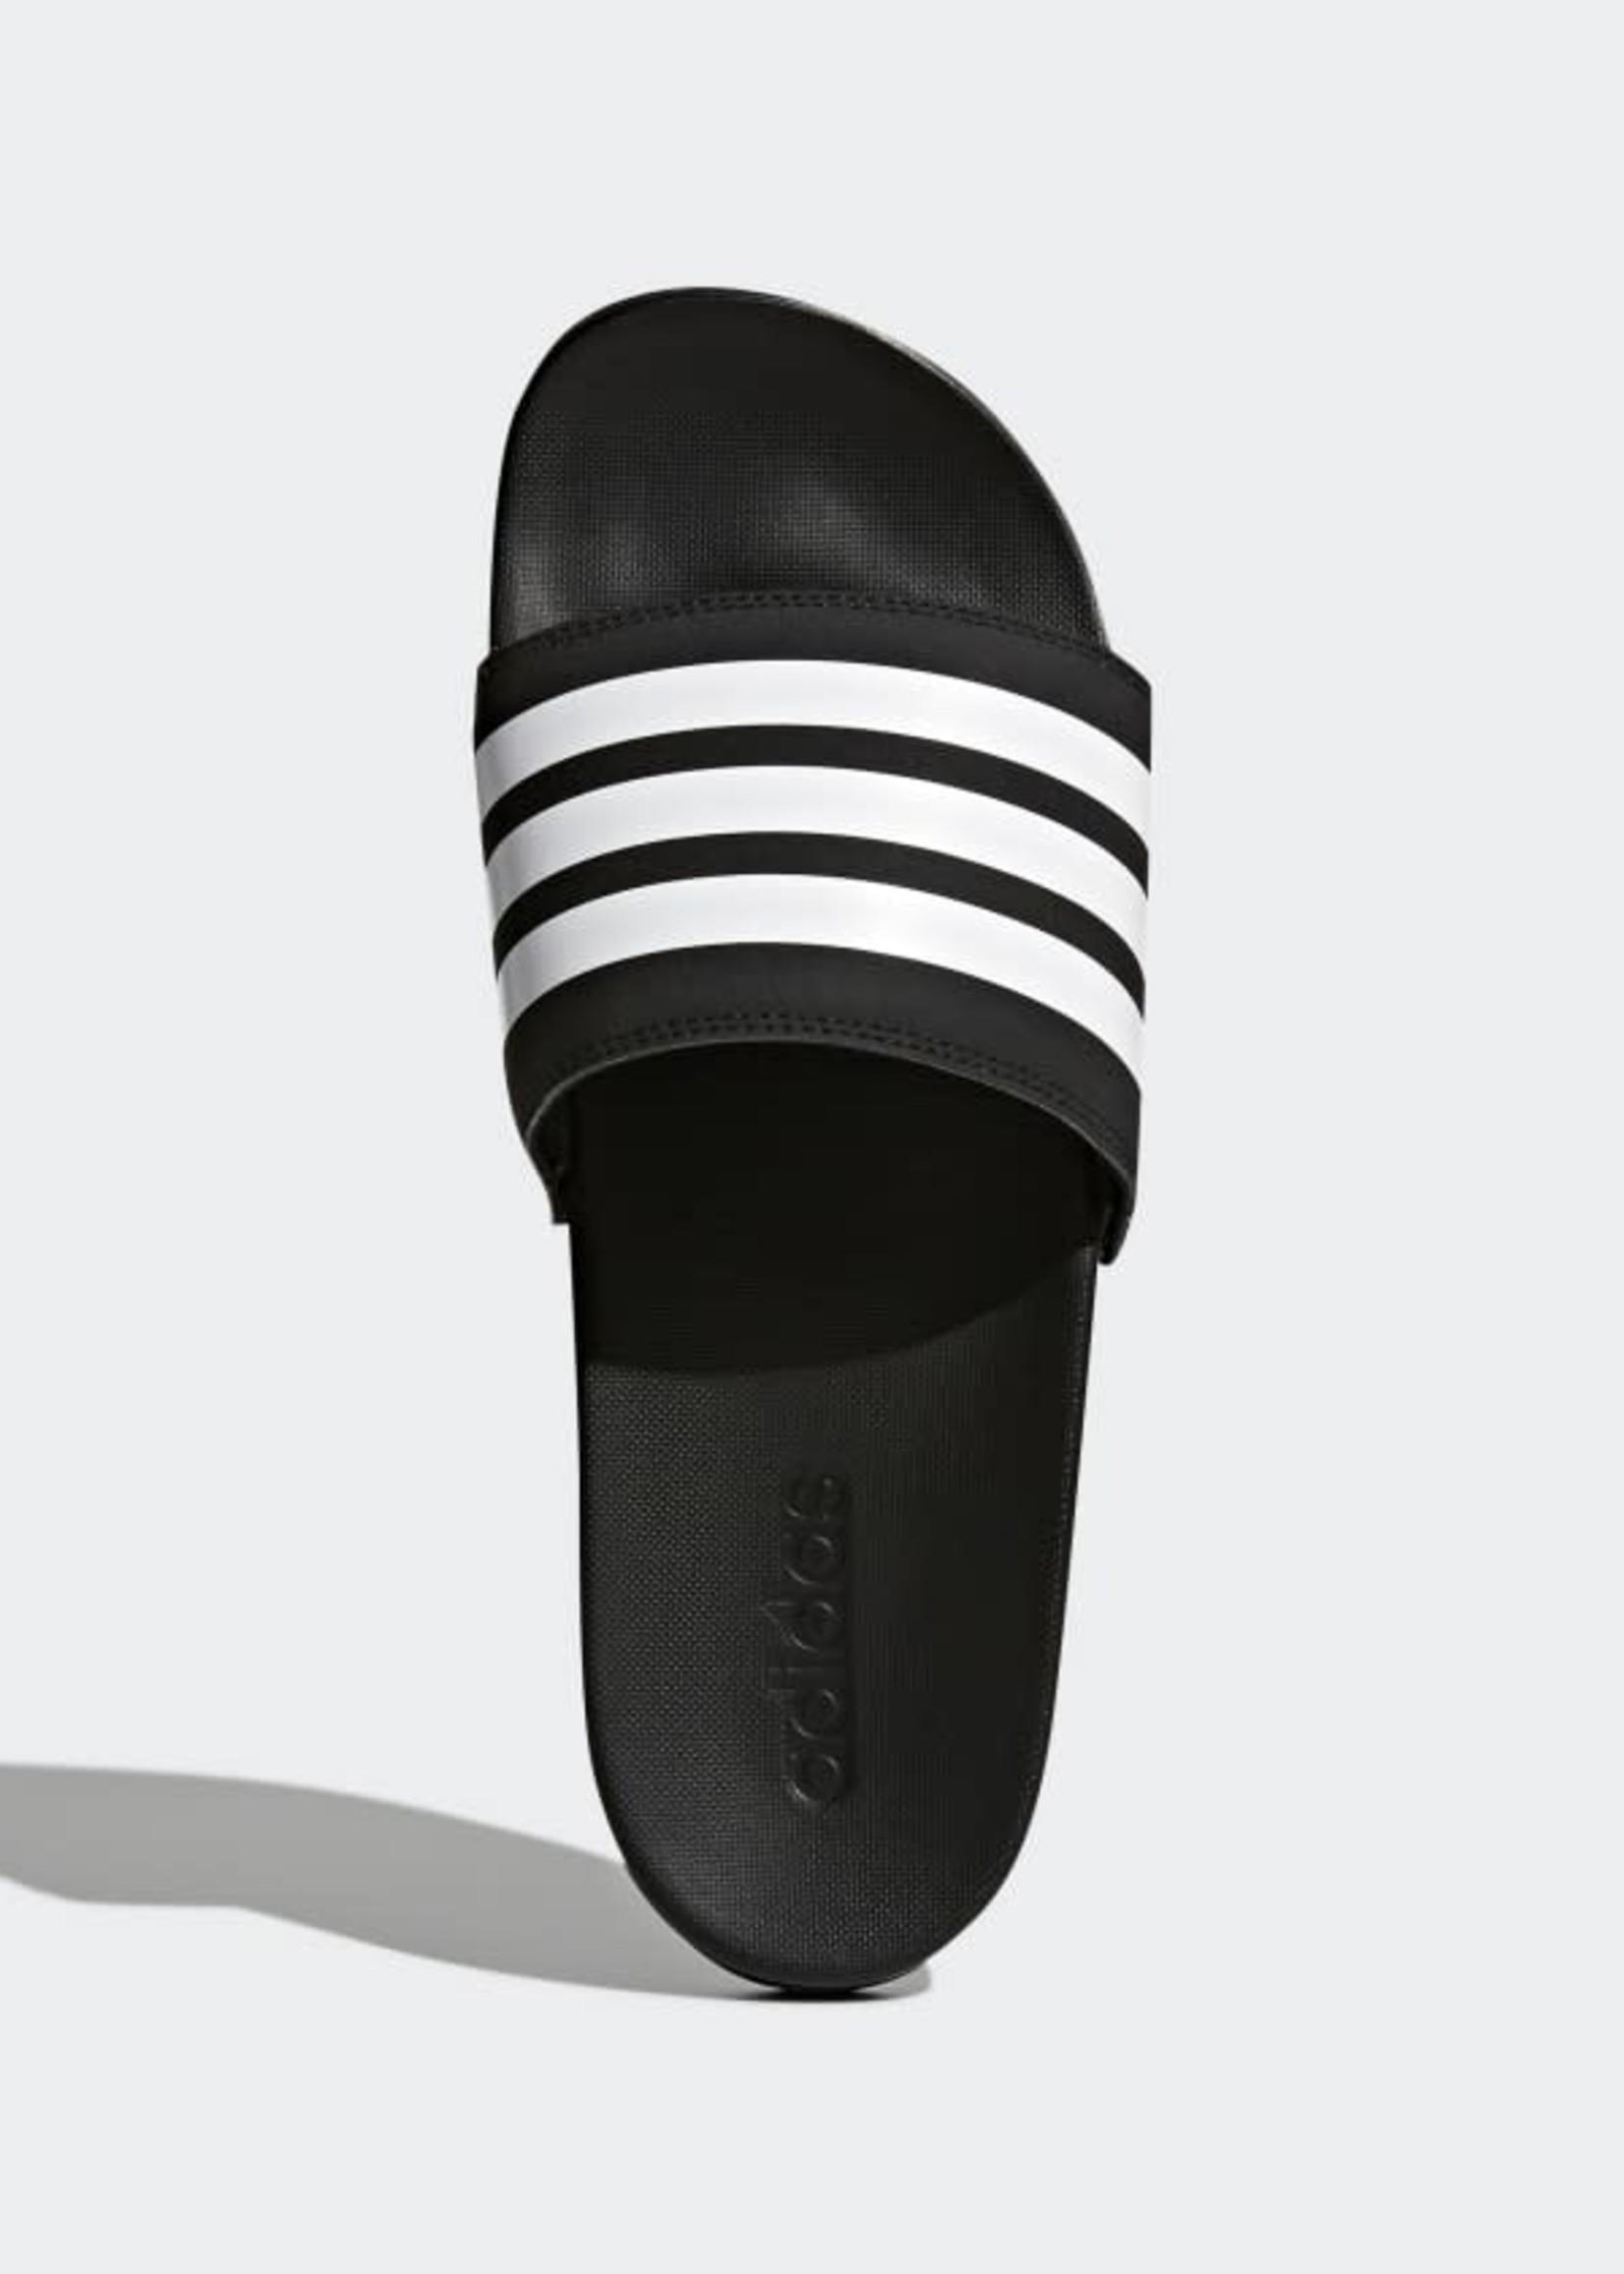 Adidas Adilette Mens Comfort Slides